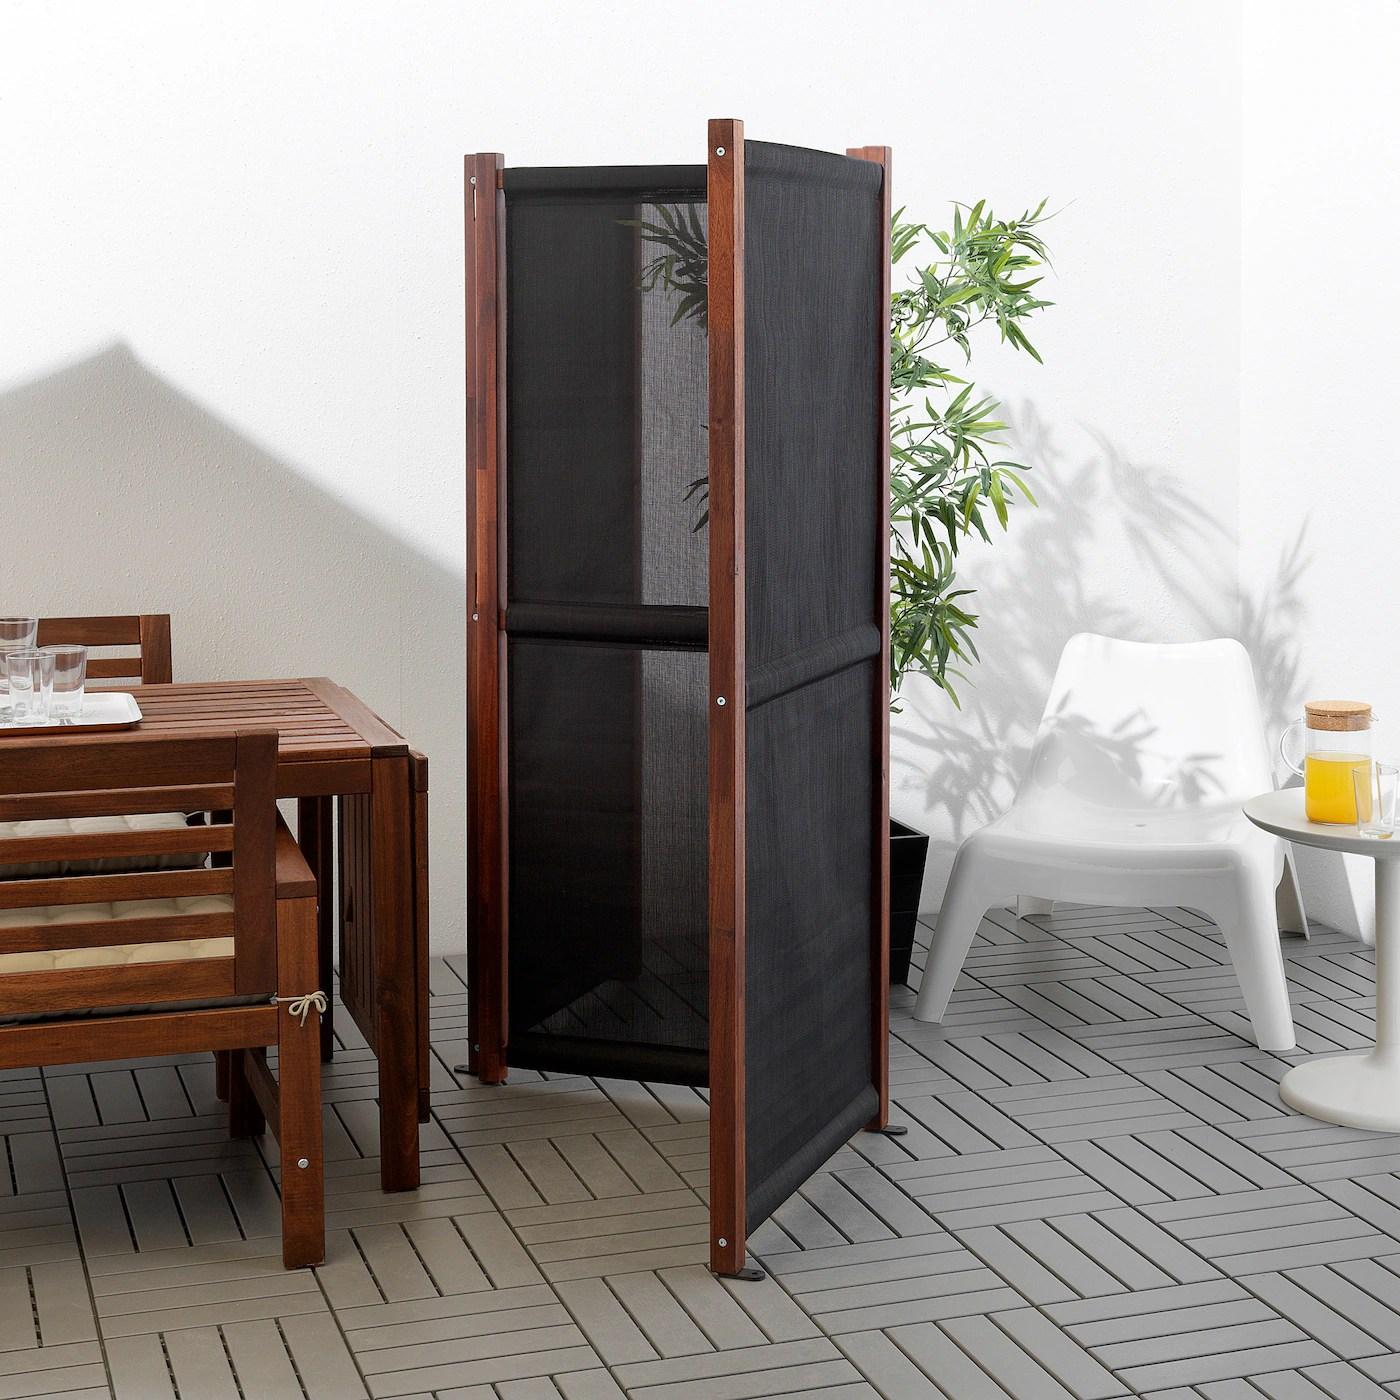 slatto paravent exterieur noir teinte brun 211x170 cm